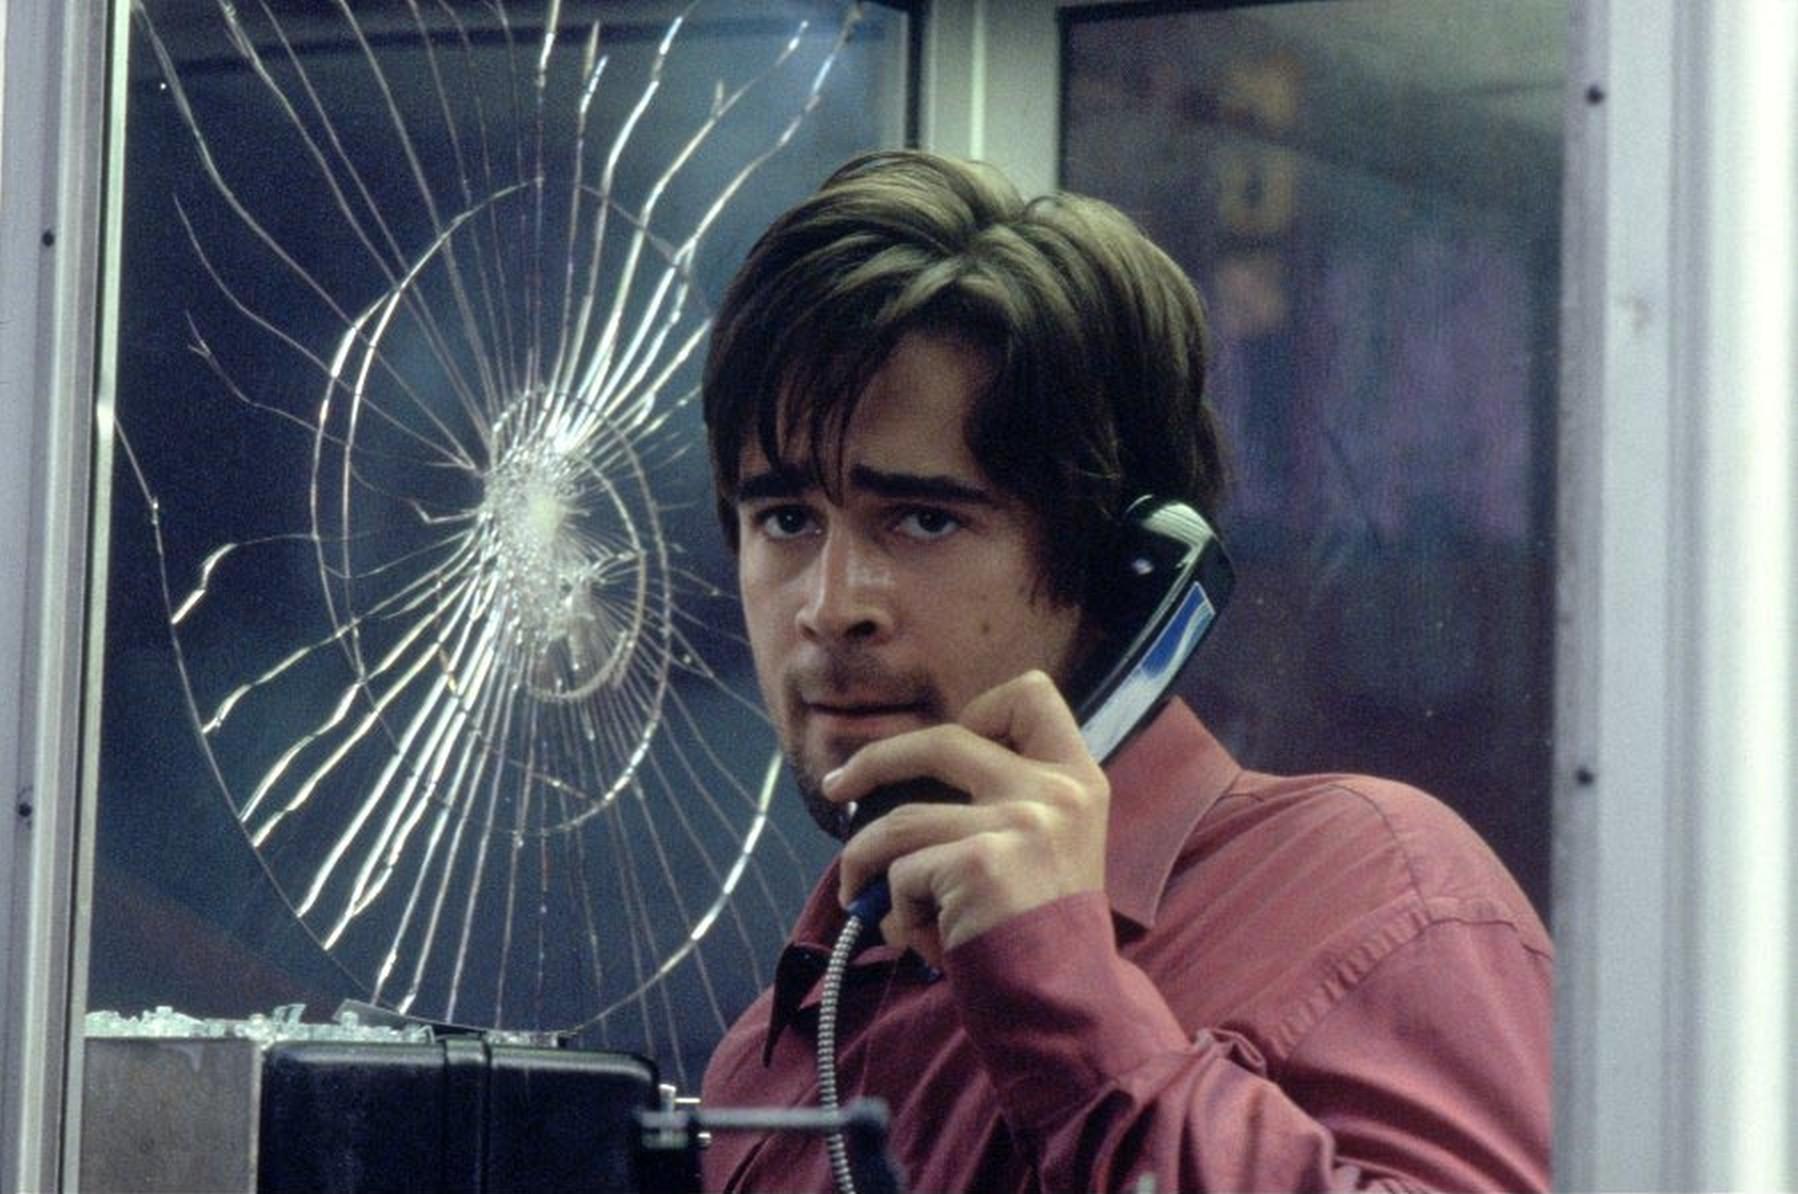 #扁豆看电影#男子被变态狙击手堵在电话亭,挂电话就死他该如何逃出生天?